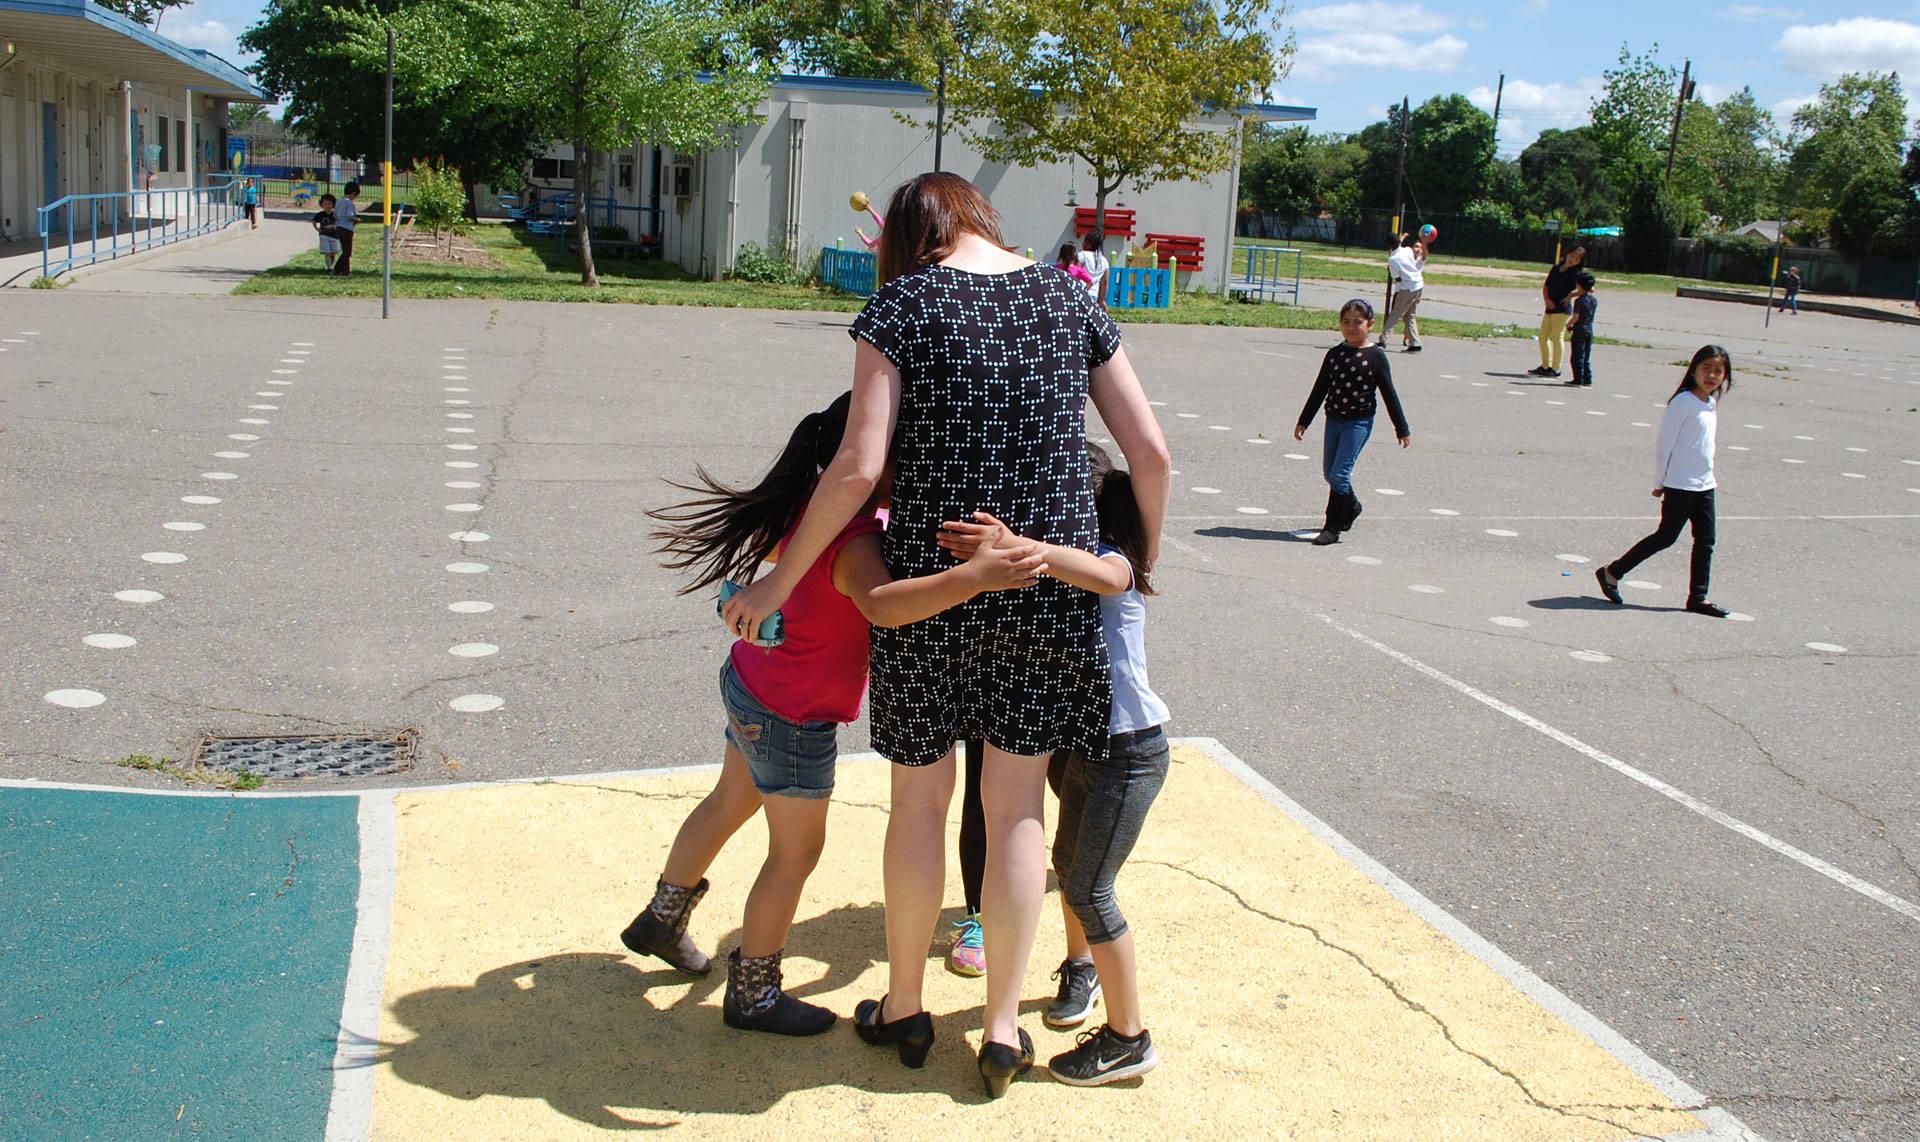 Bethany Coburn, una trabajadora social y coordinadora del Centro de Apoyo para Estudiantes de la escuela primaria Oak Ridge, recibe un abrazo en grupo de los estudiantes.